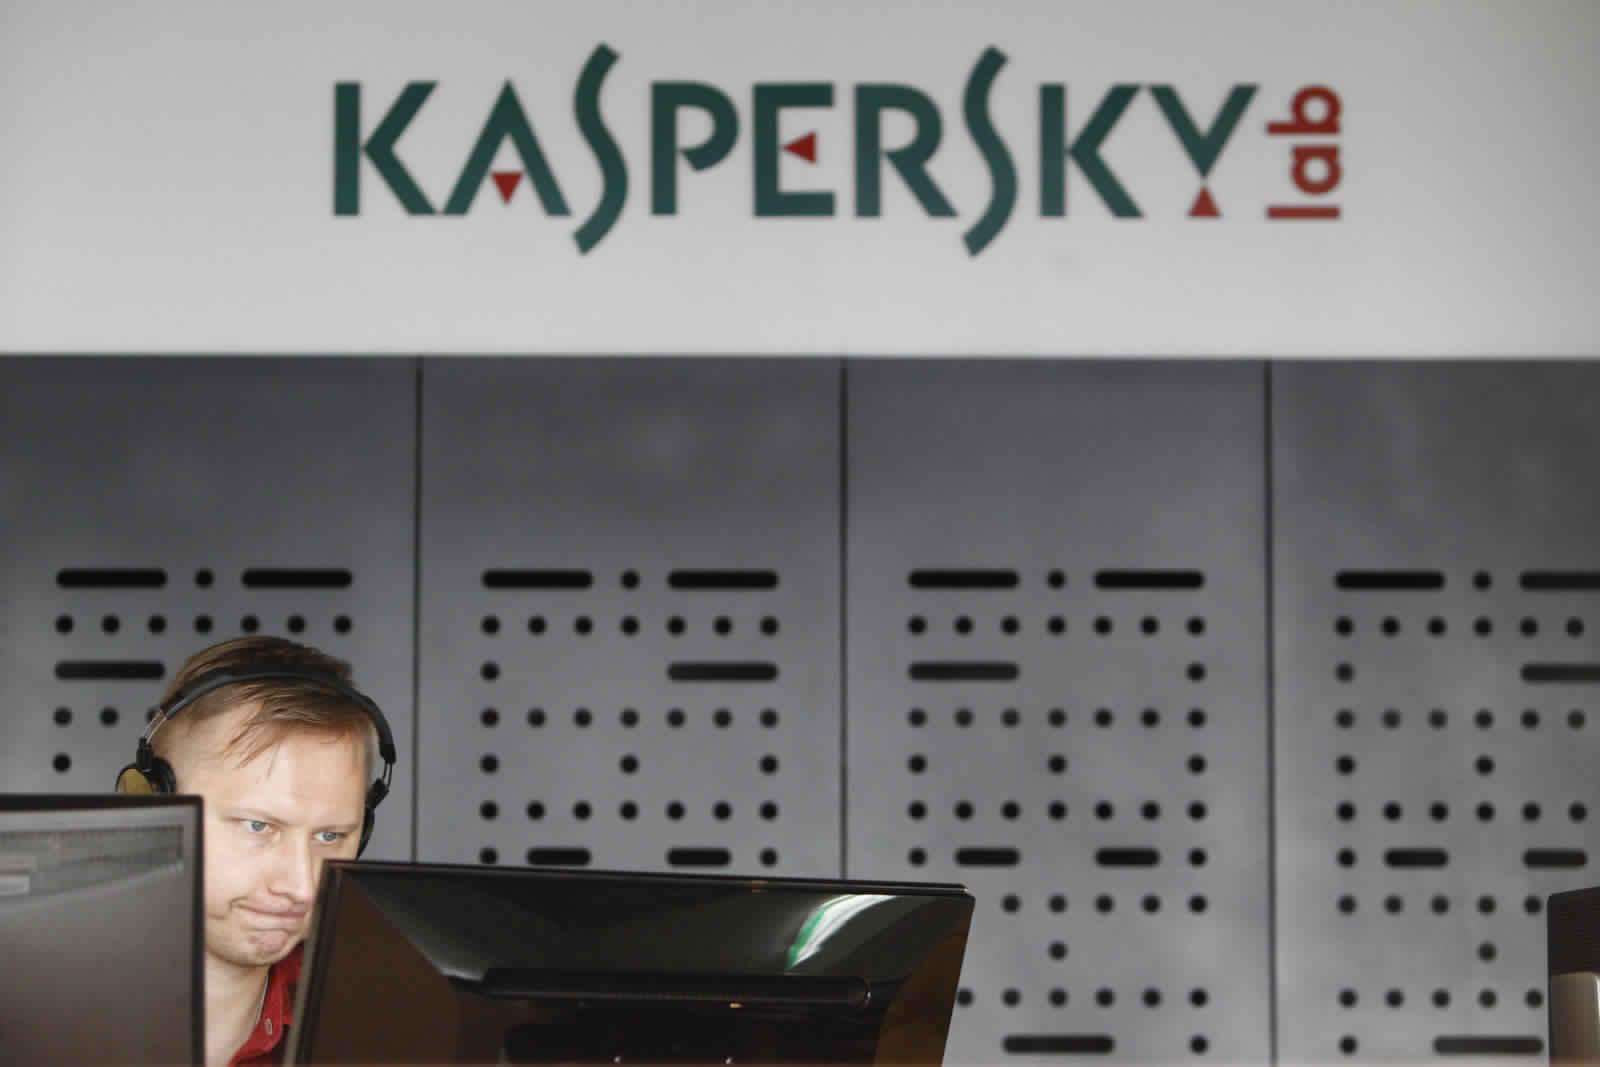 Kaspersky تطلق نسخة مجانية بالكامل من برنامج الحماية